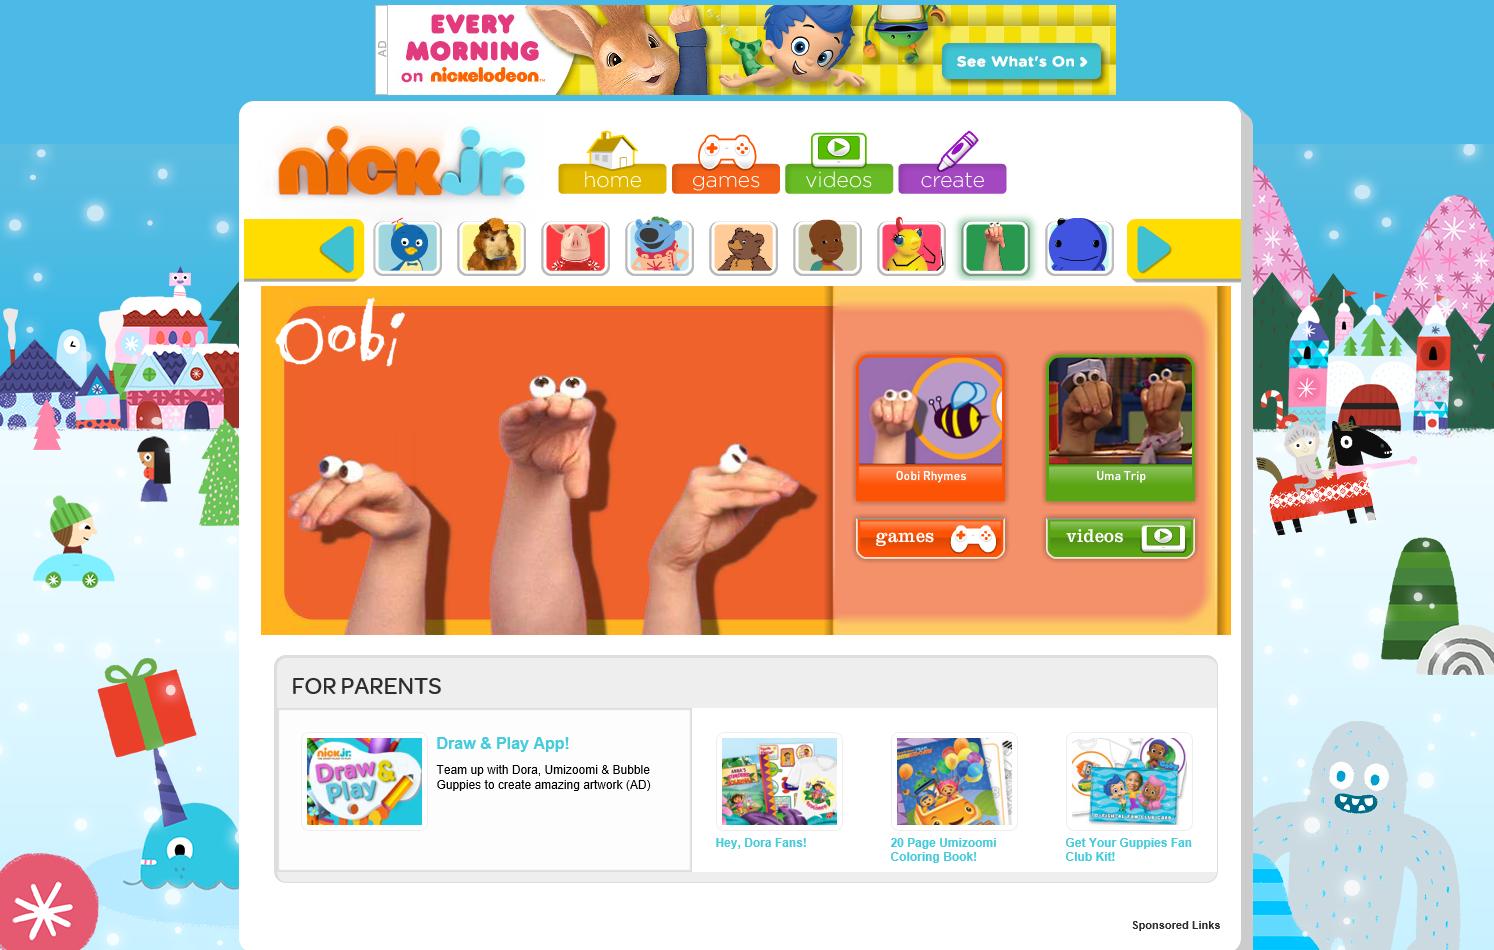 nickjr com preschool games nickjr oobi wiki fandom powered by wikia 973